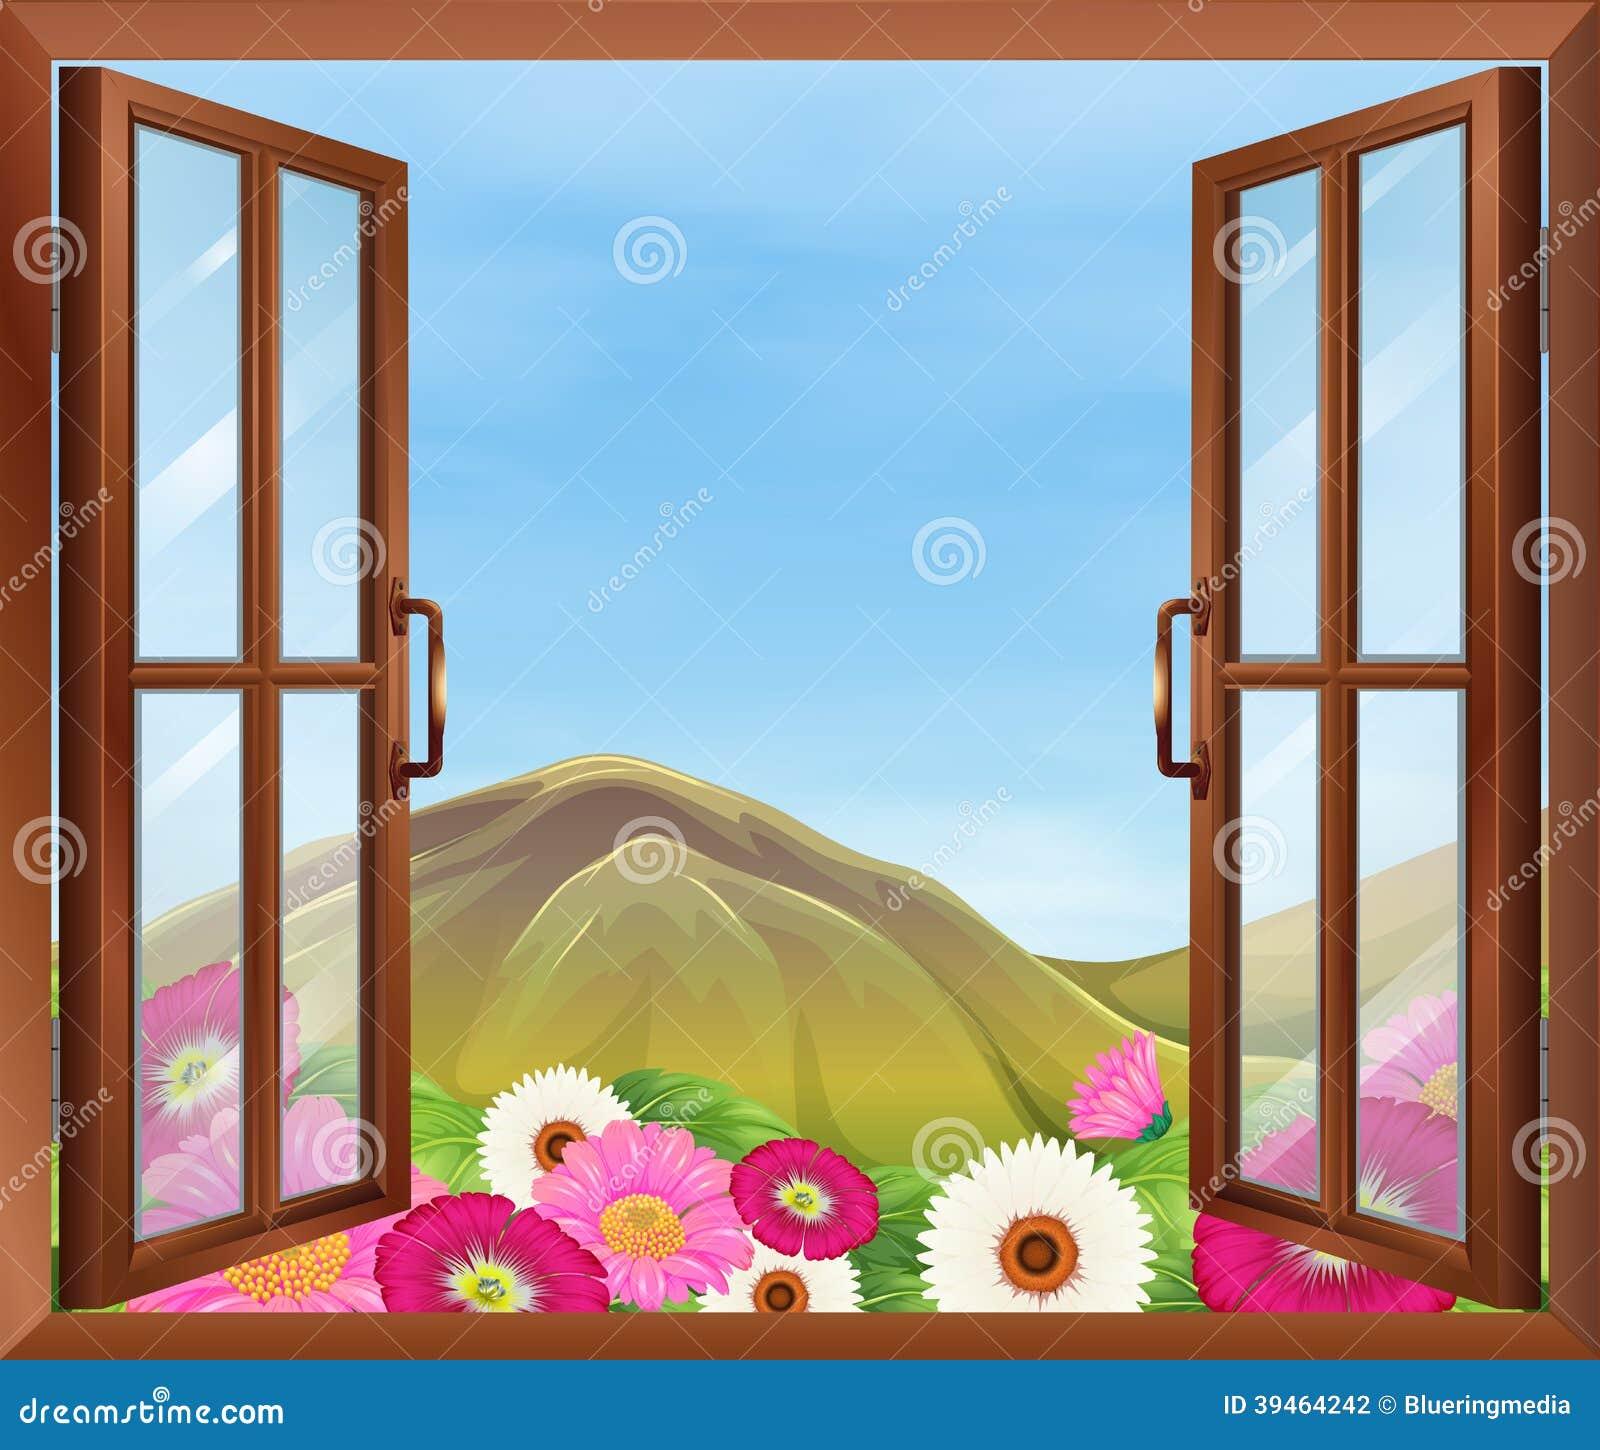 Open Window Clipart Clipart Suggest: Una Finestra Aperta Con I Fiori Fuori Illustrazione